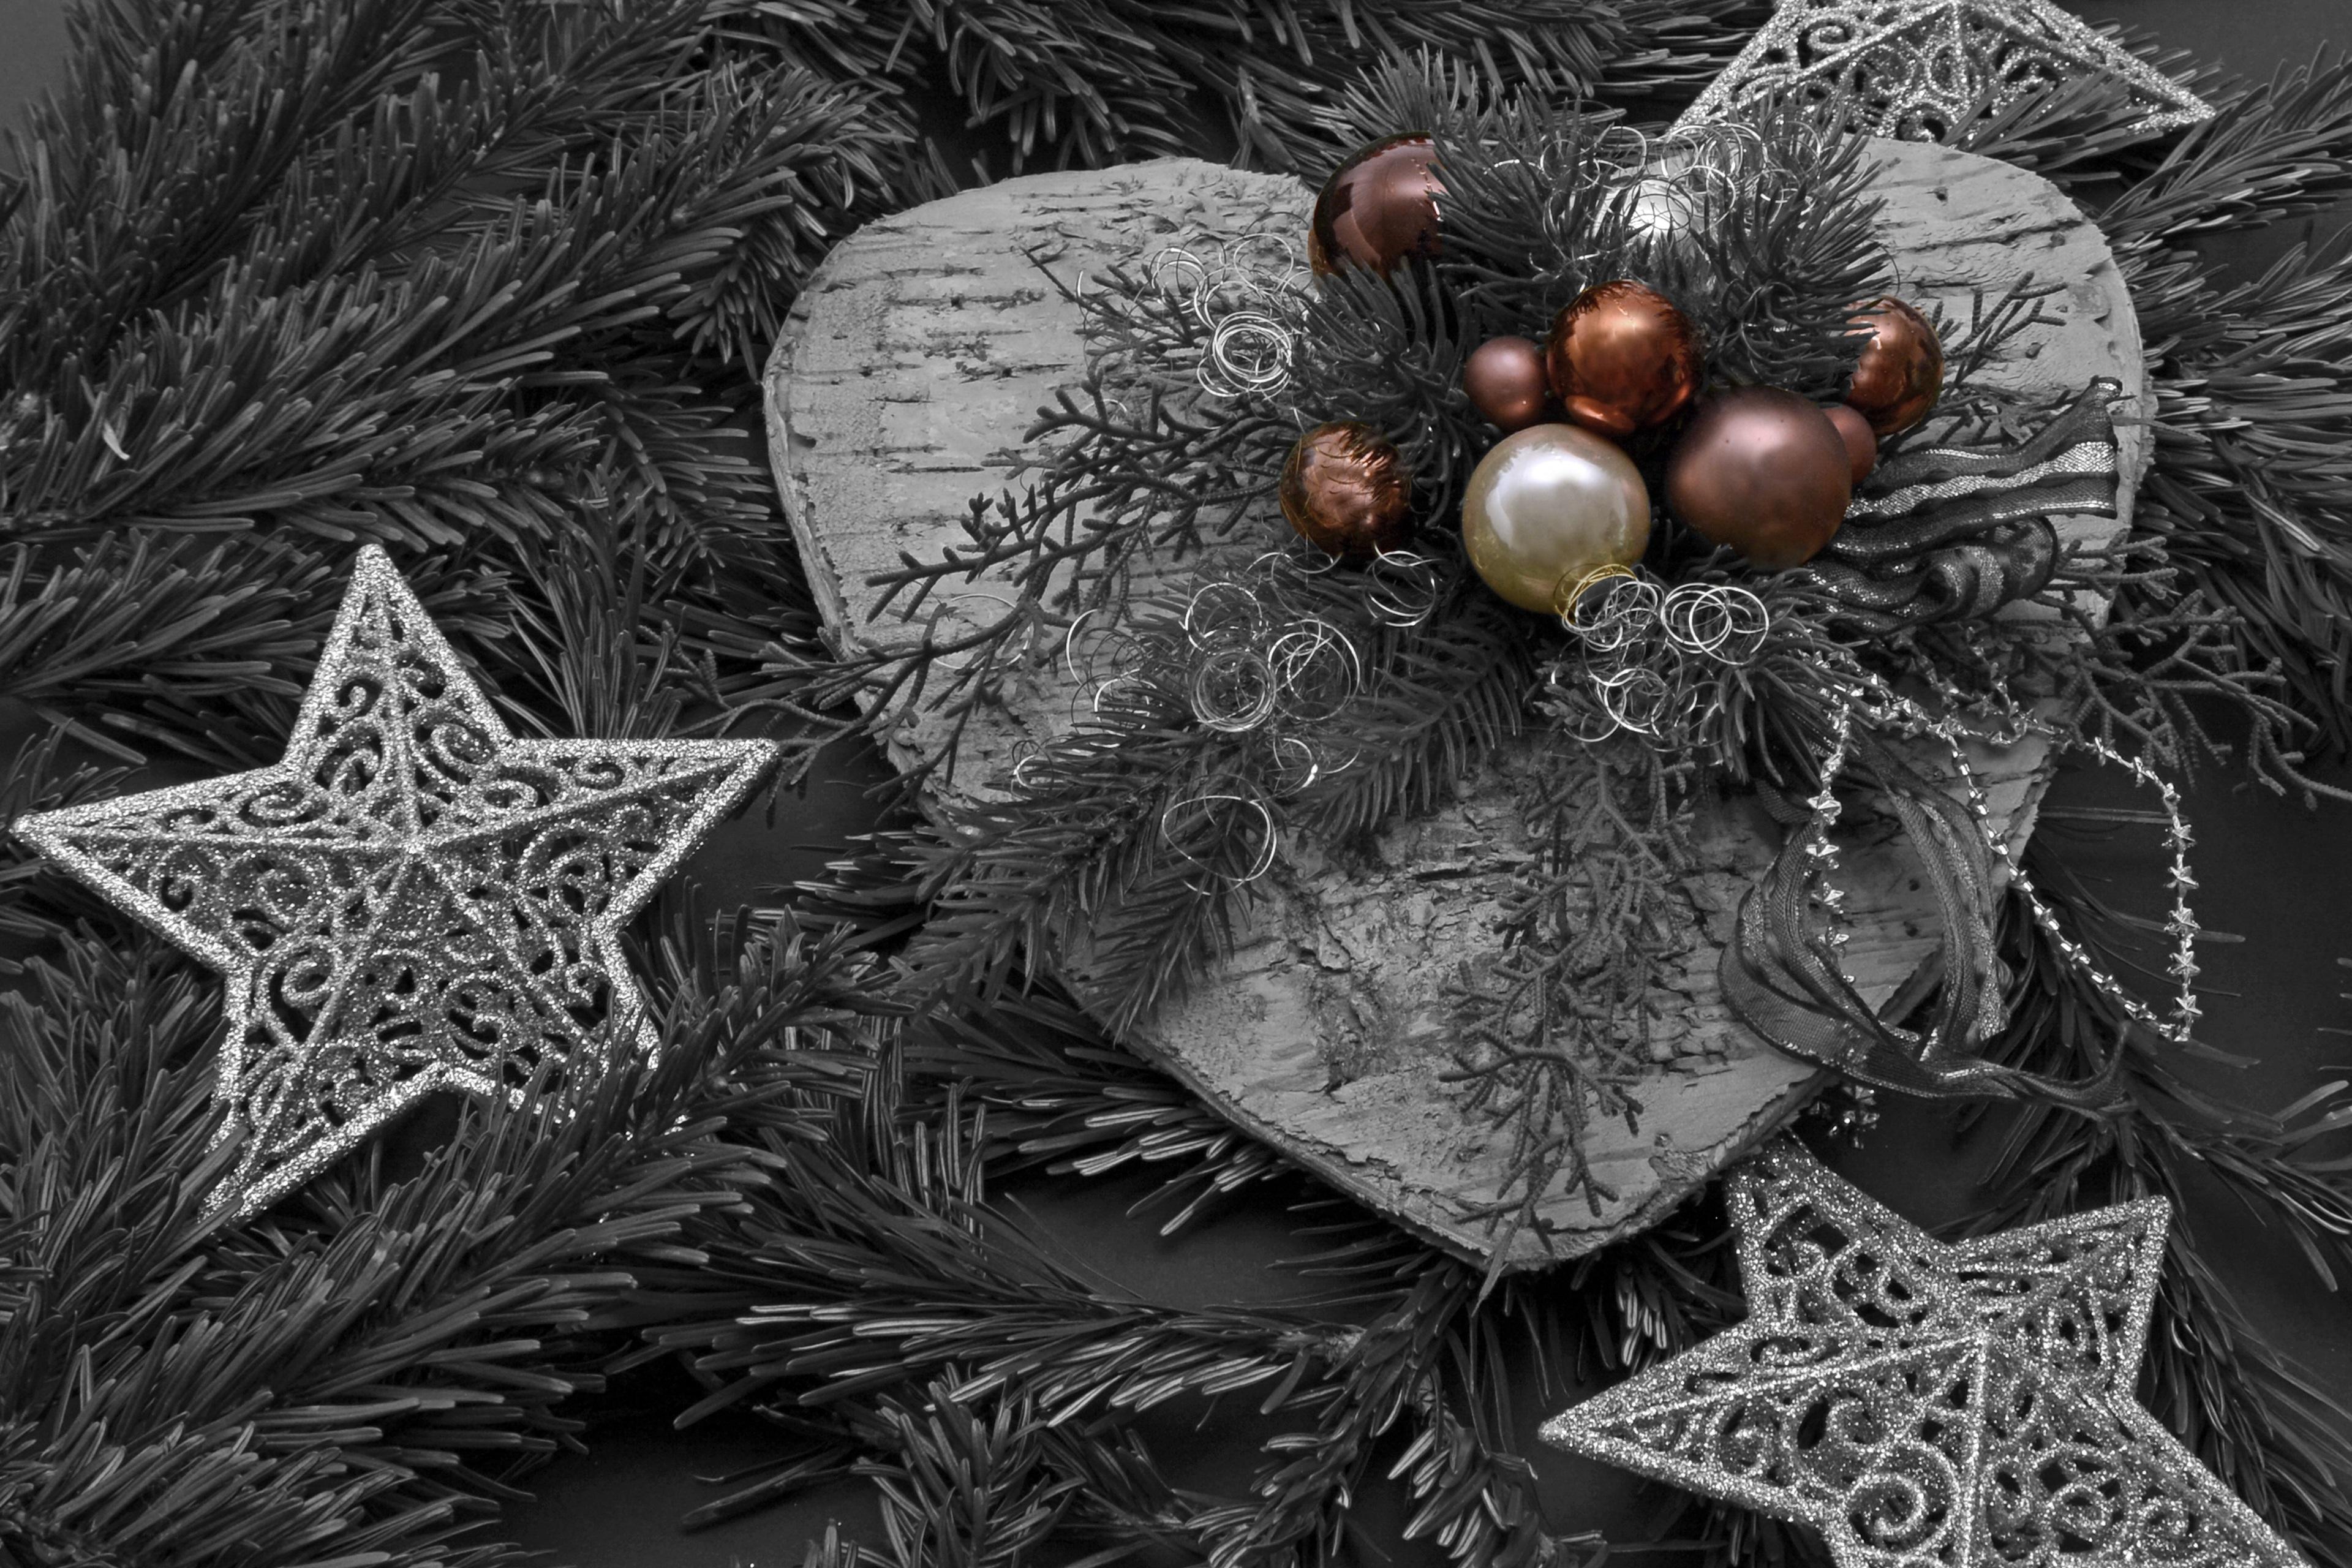 Gambar Pohon Cabang Hitam Dan Putih Menanam Bintang Daun Hijau Kegelapan Satu Warna Hari Natal Berkilau Kedatangan Dekorasi Natal Waktu Natal Bertinta Sumbat Holly Kartu Ucapan Bola Natal Selamat Natal Natal